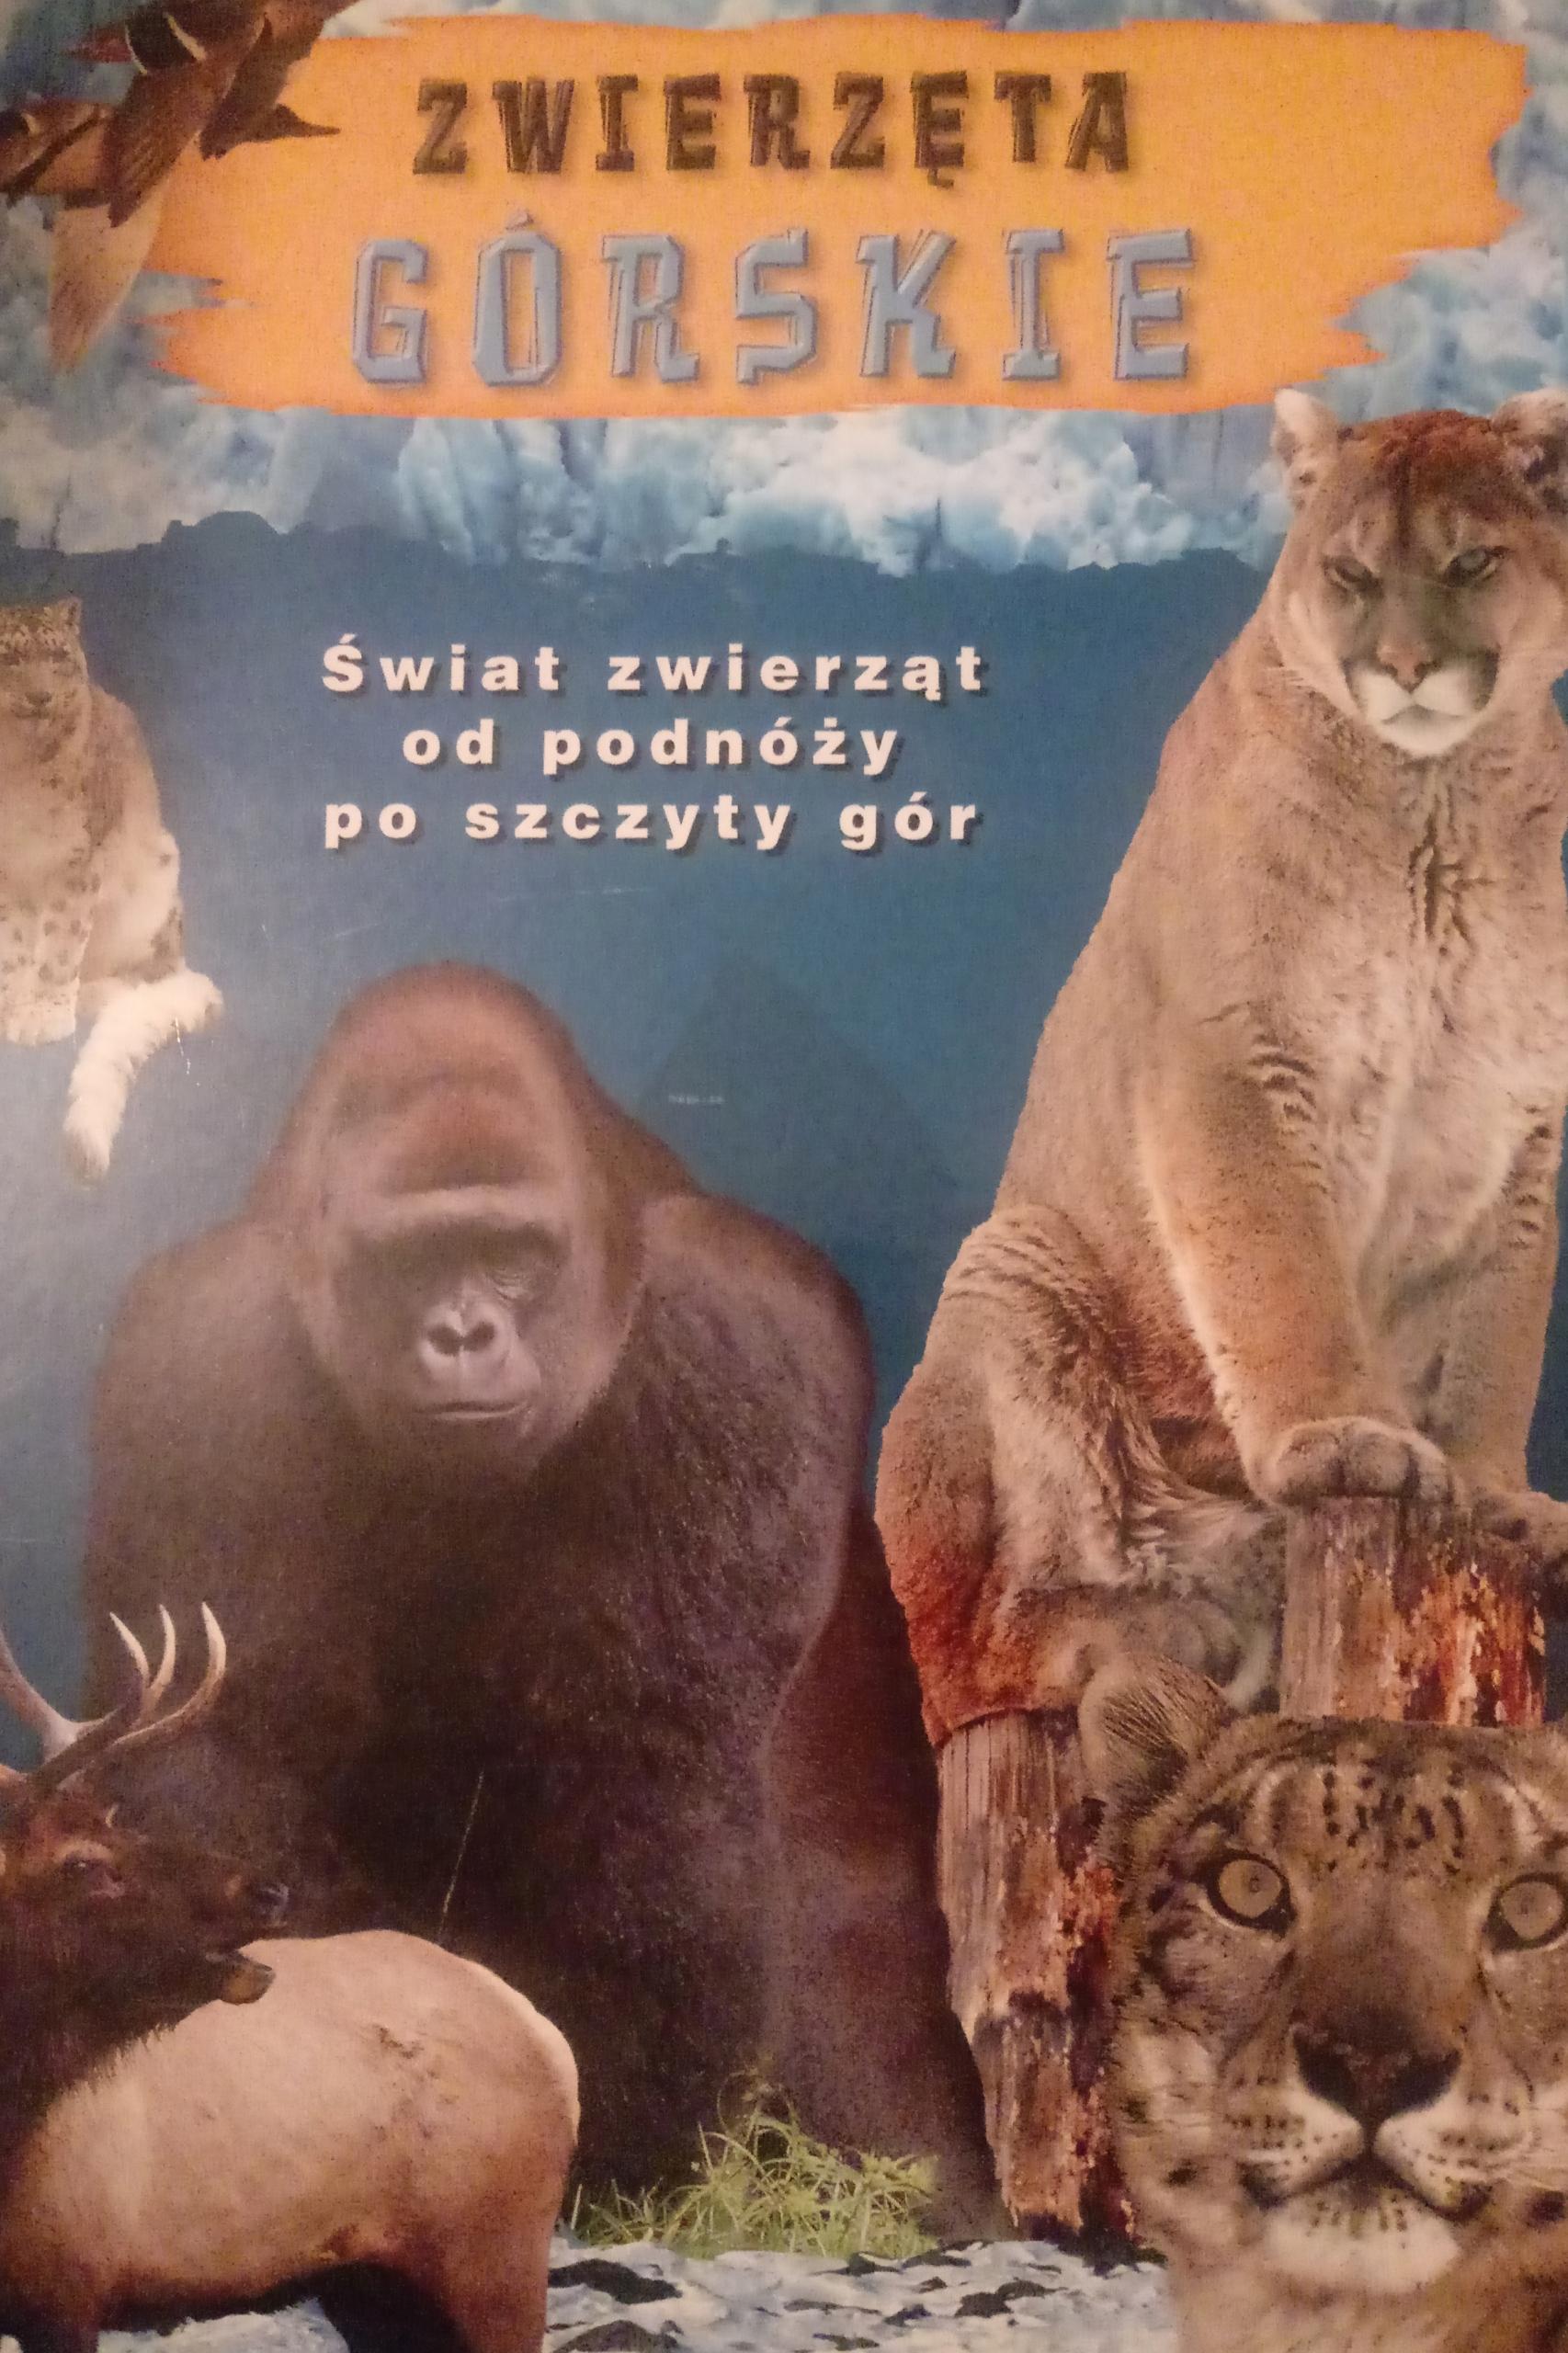 dbae47e449930d Zwierzęta górskie - Świat zwierząt - 7706726425 - oficjalne archiwum ...